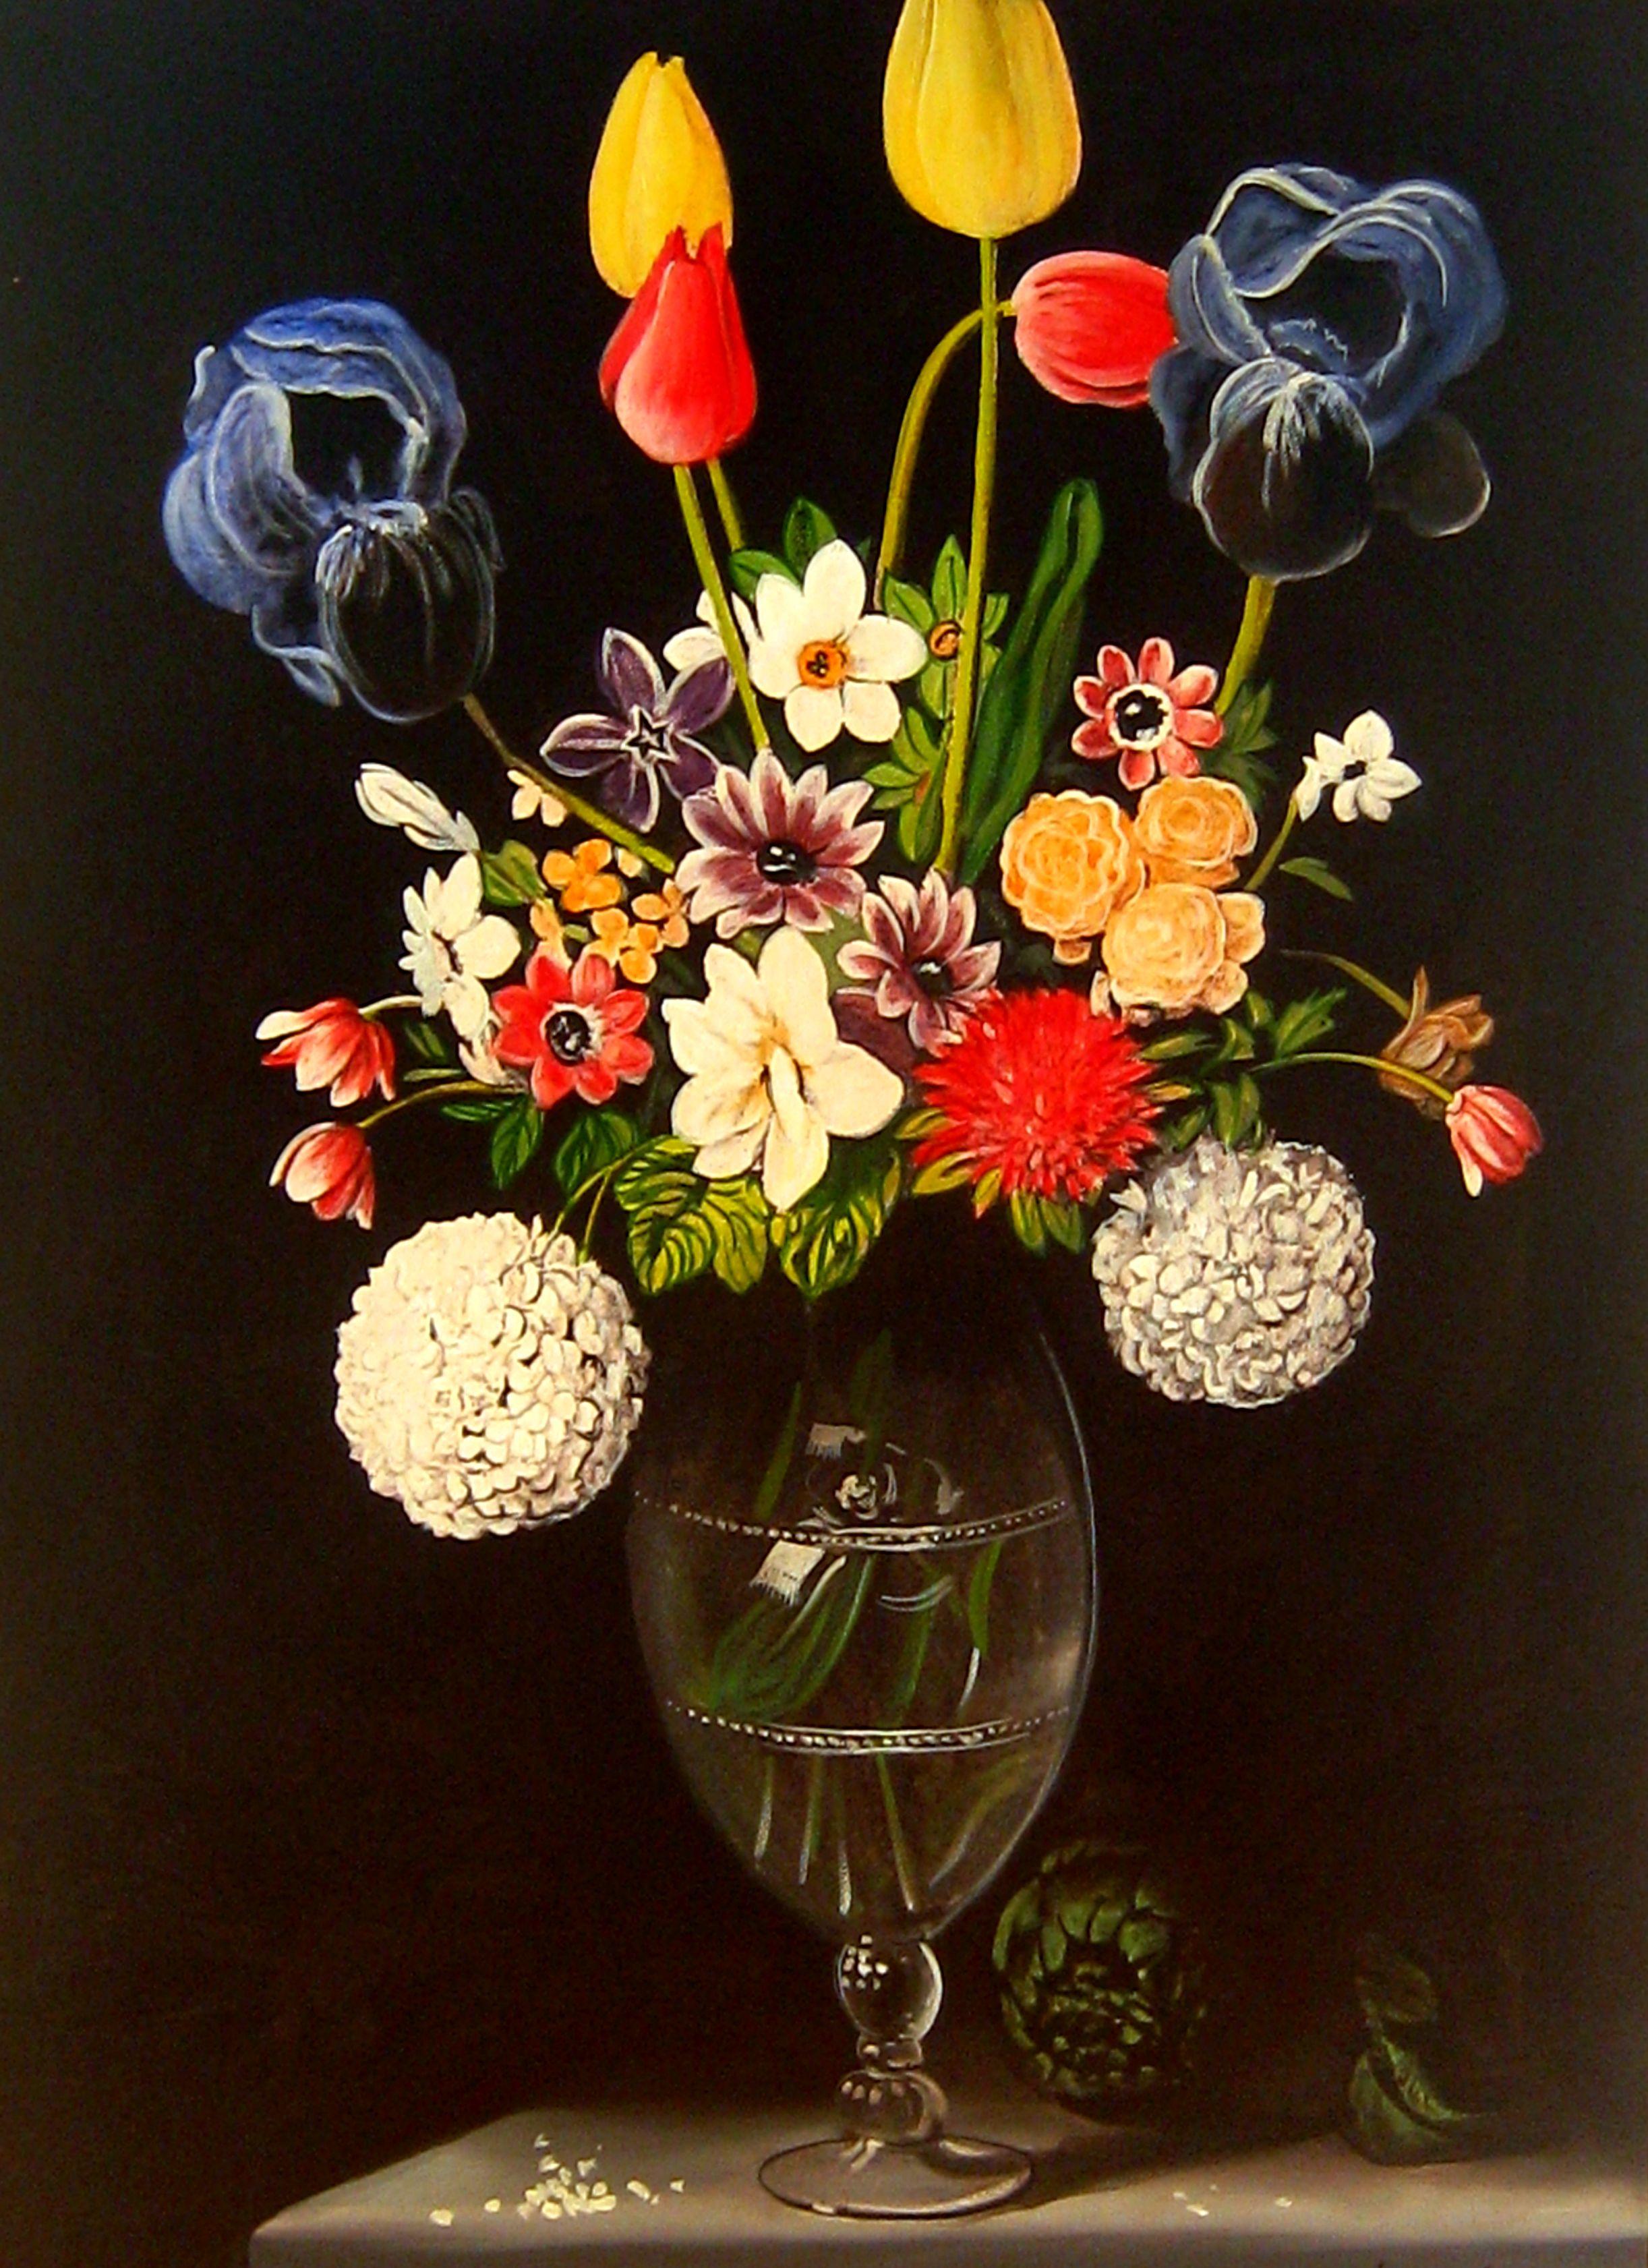 Immagini vasi di fiori immagini vasi di fiori composizioni for Composizioni natalizie in vasi di vetro